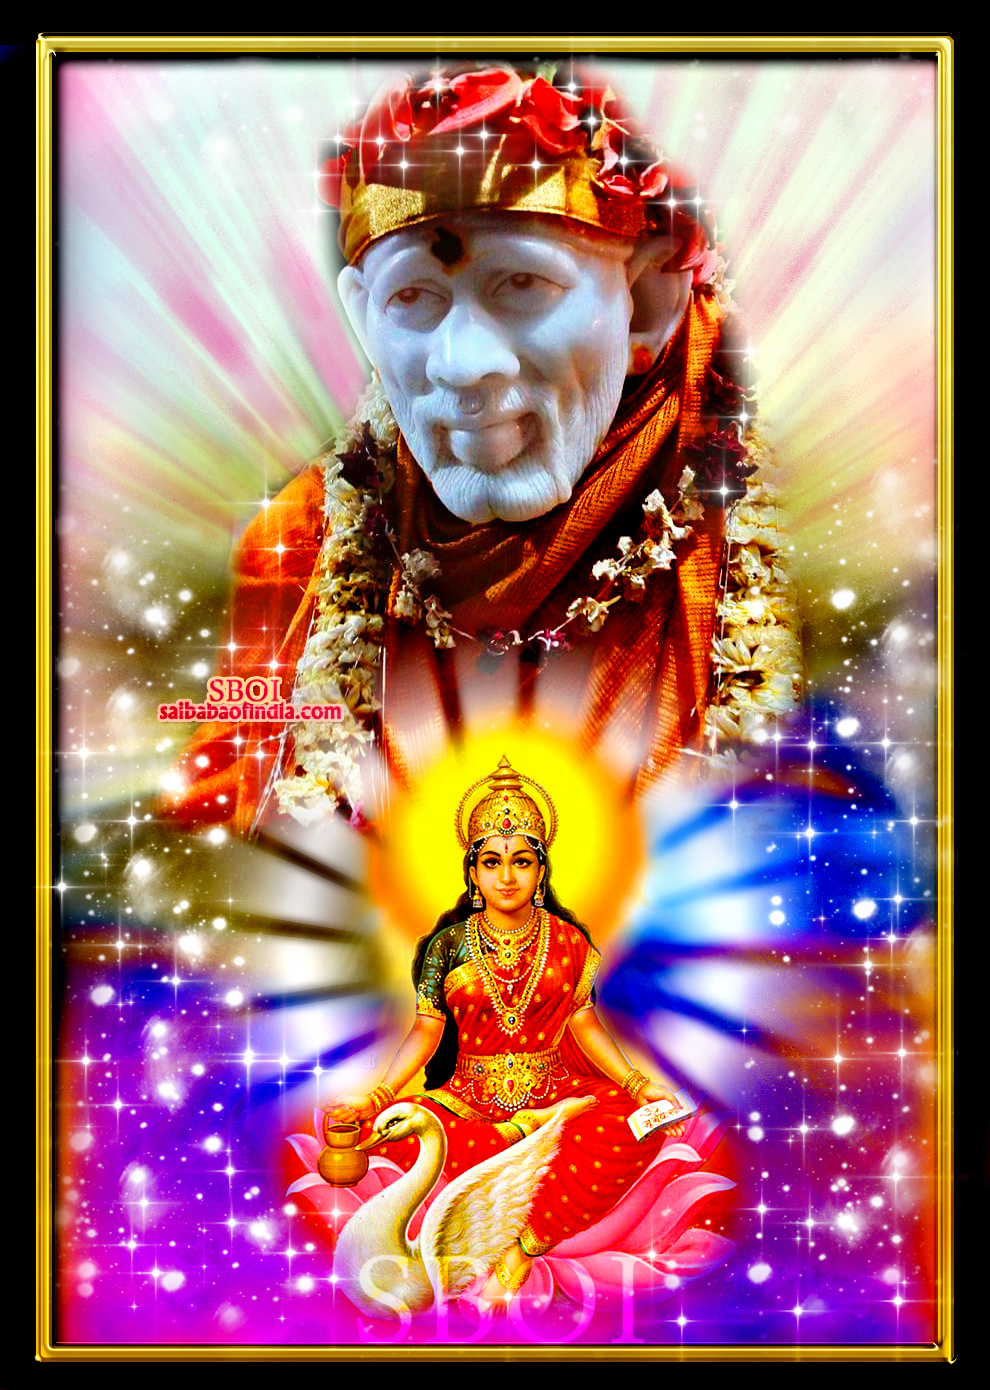 Shirdi Sai Baba | Shirdi Sai photos | Sai Baba Miracles ...